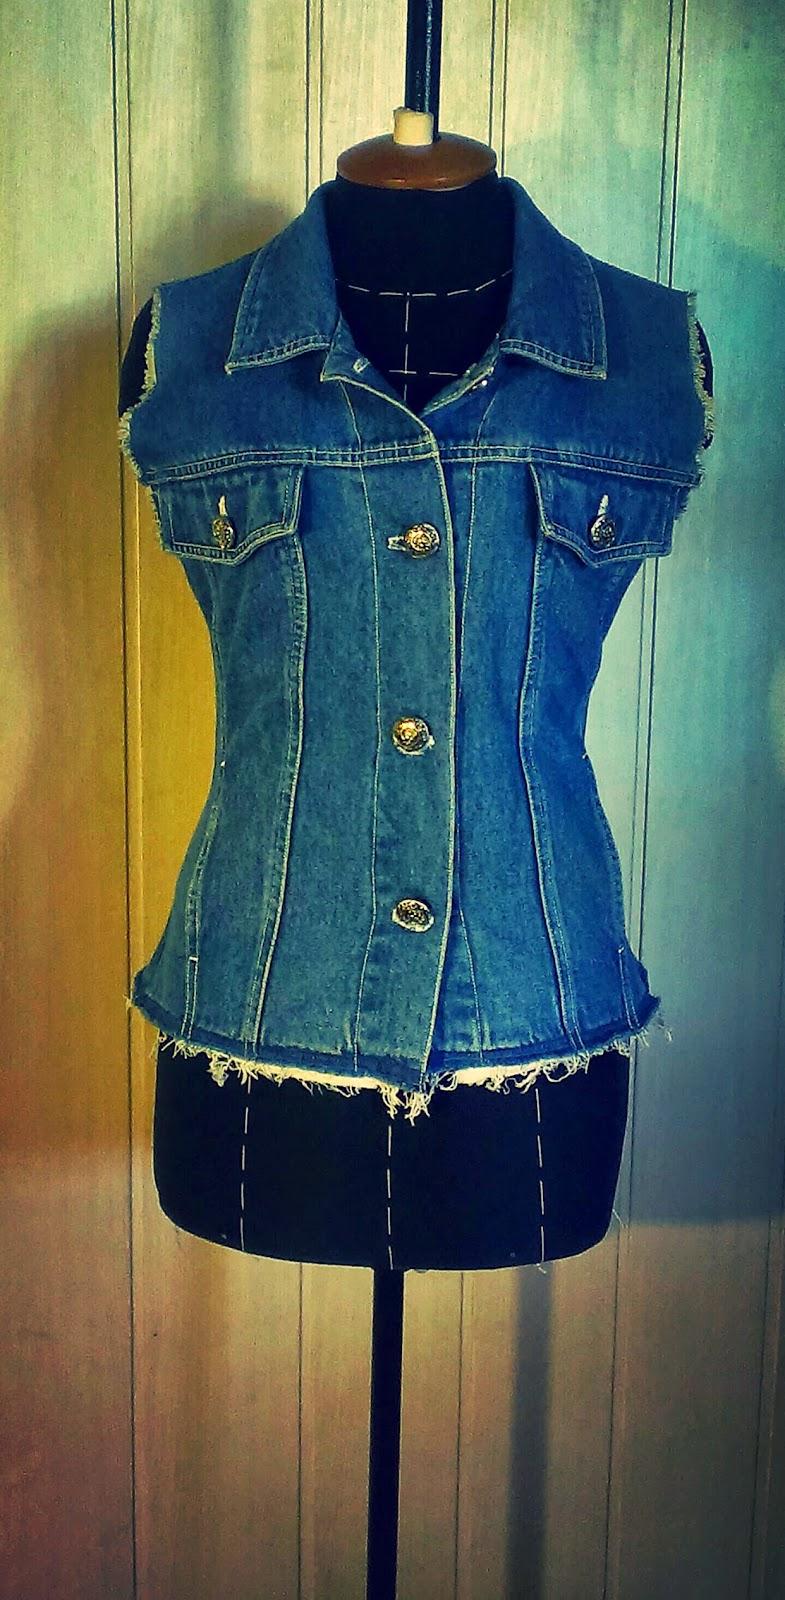 Как сшить джинсовую куртку для девочки самостоятельно? 48